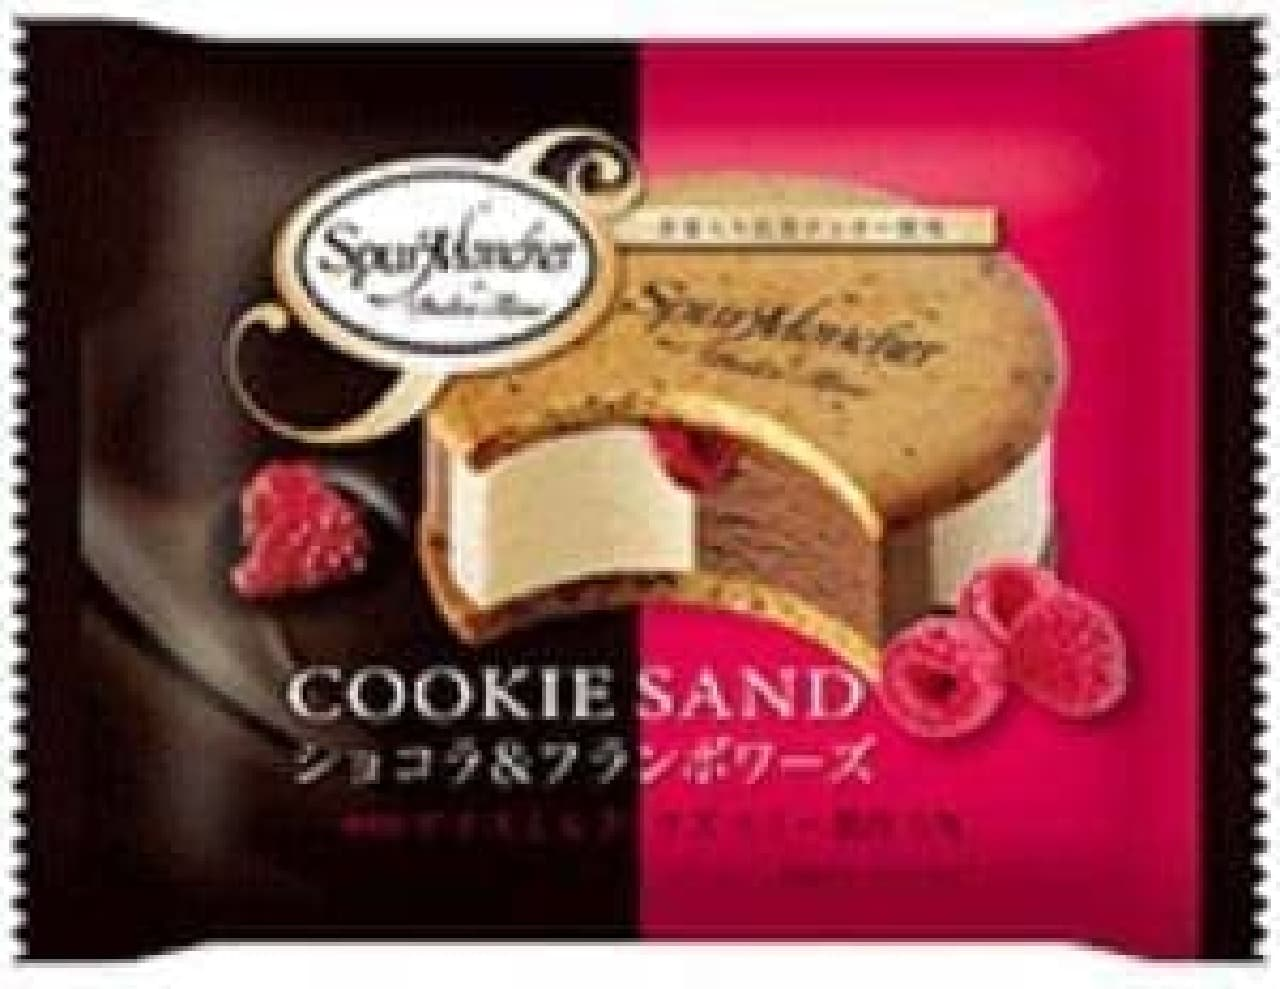 シュプールモンシェール クッキーサンド ショコラ&フランボワーズ